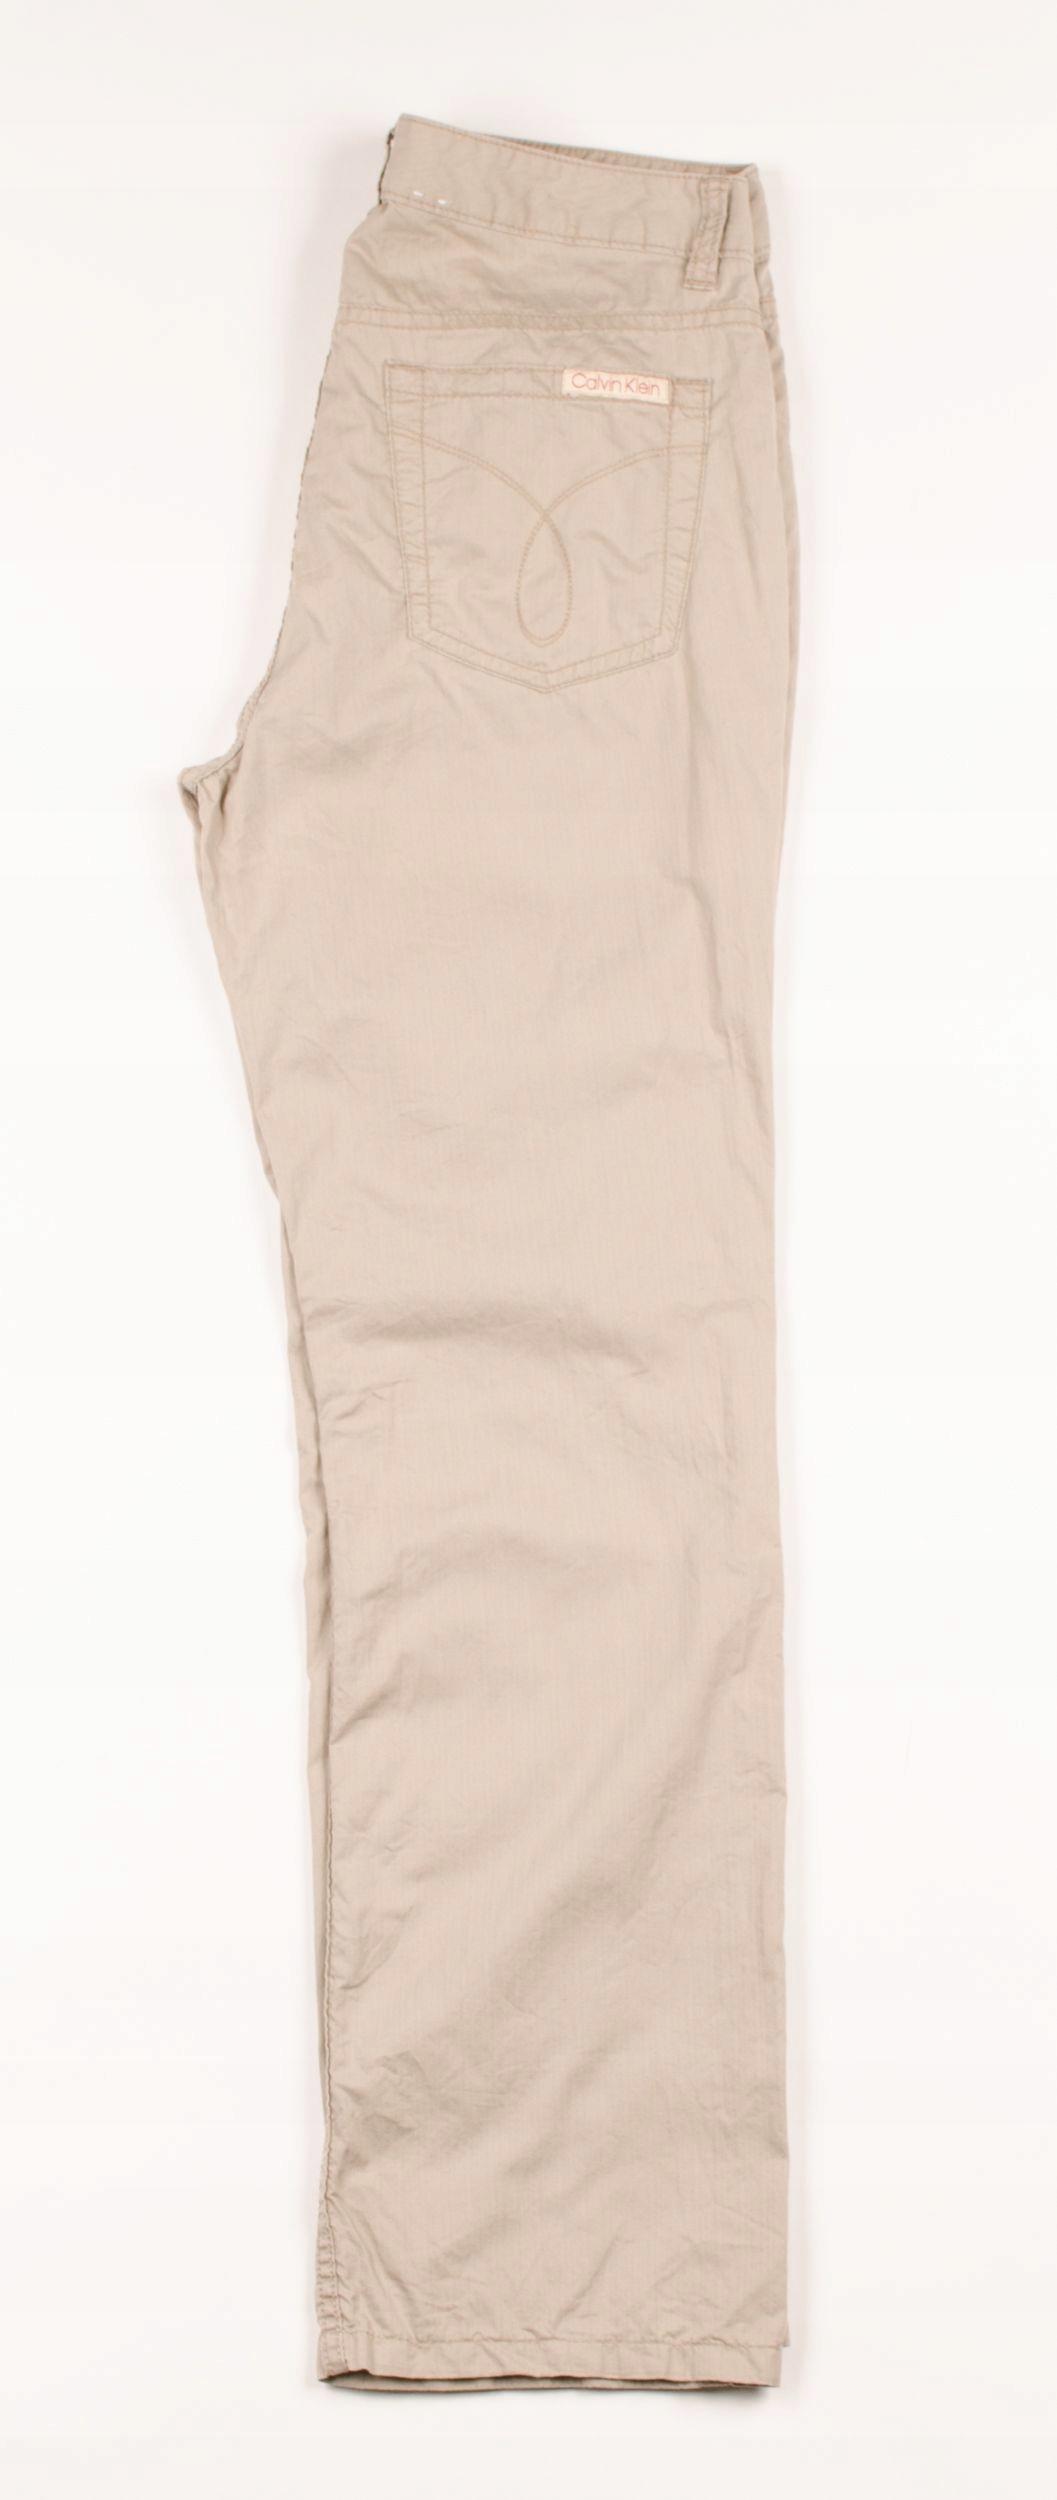 25609 Calvin Klein Spodnie Męskie M